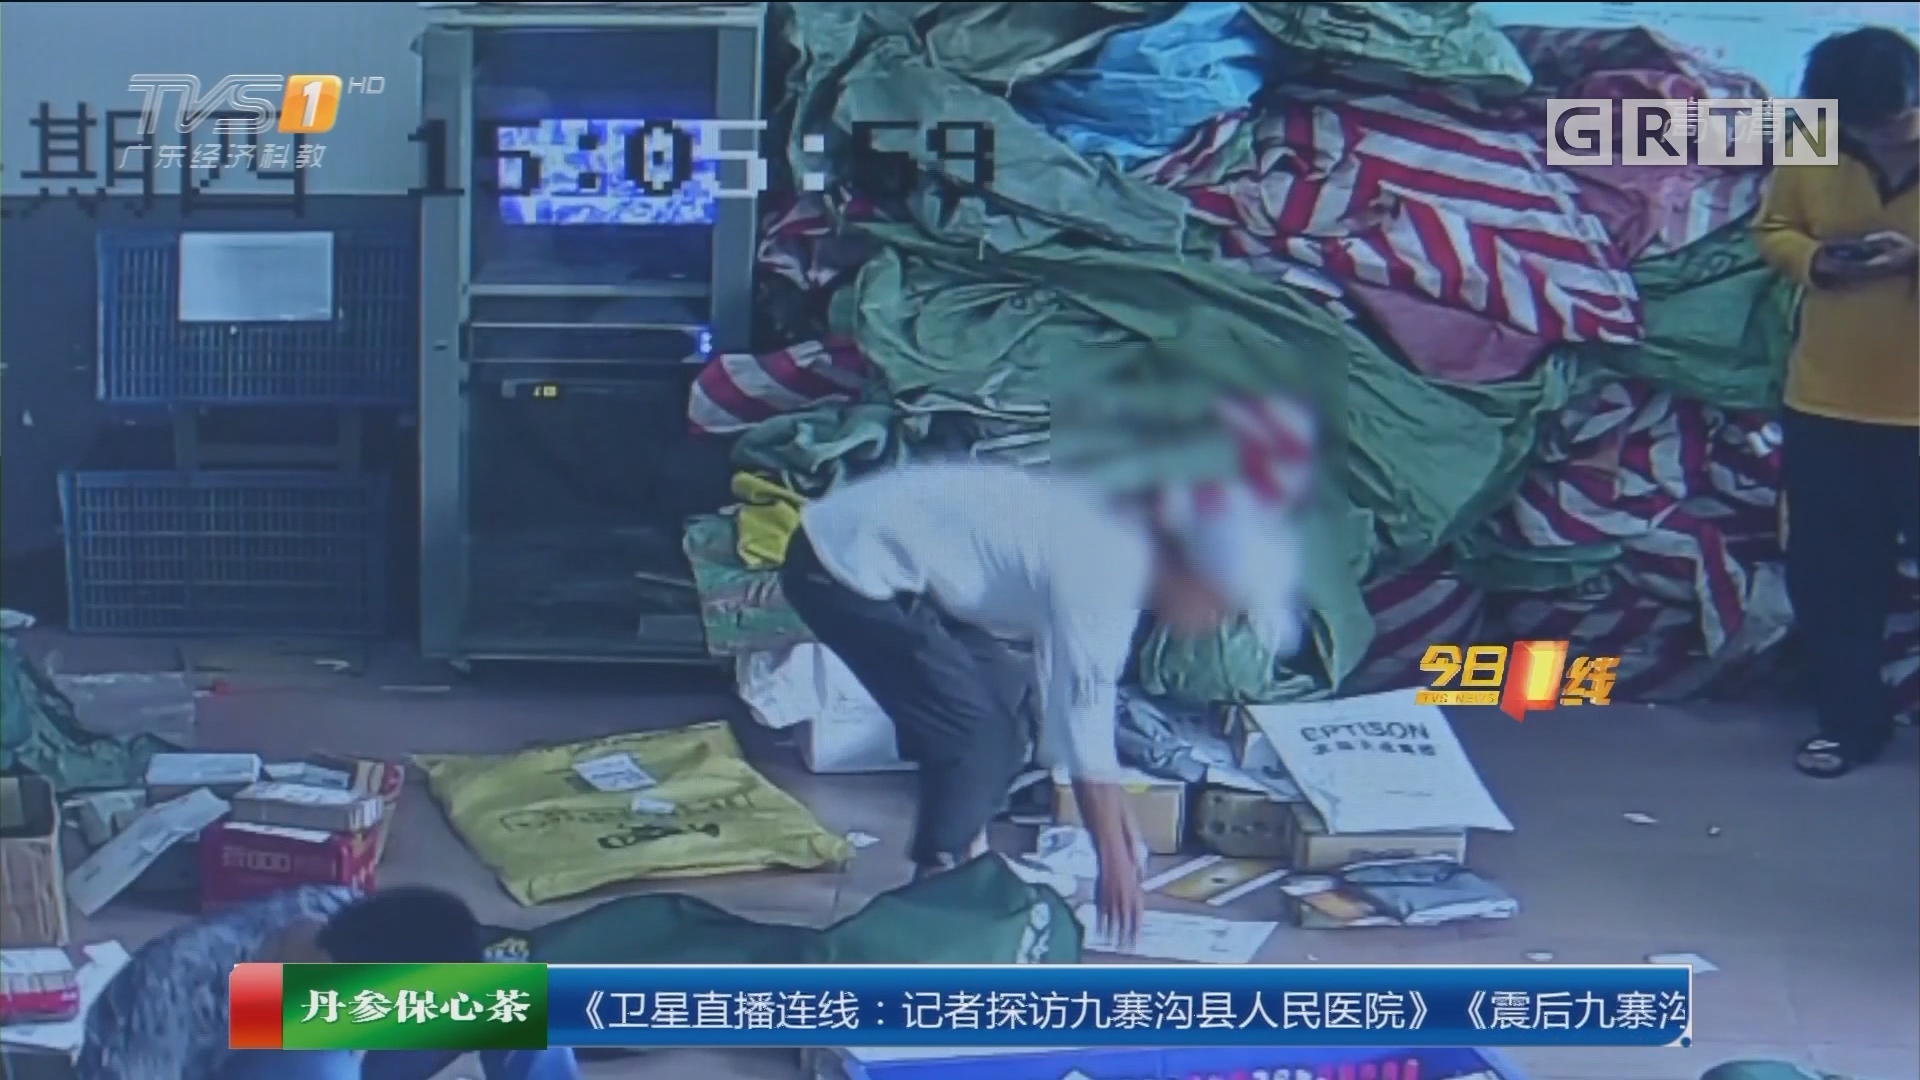 潮州潮安:快递员监守自盗7万金饰 被刑拘